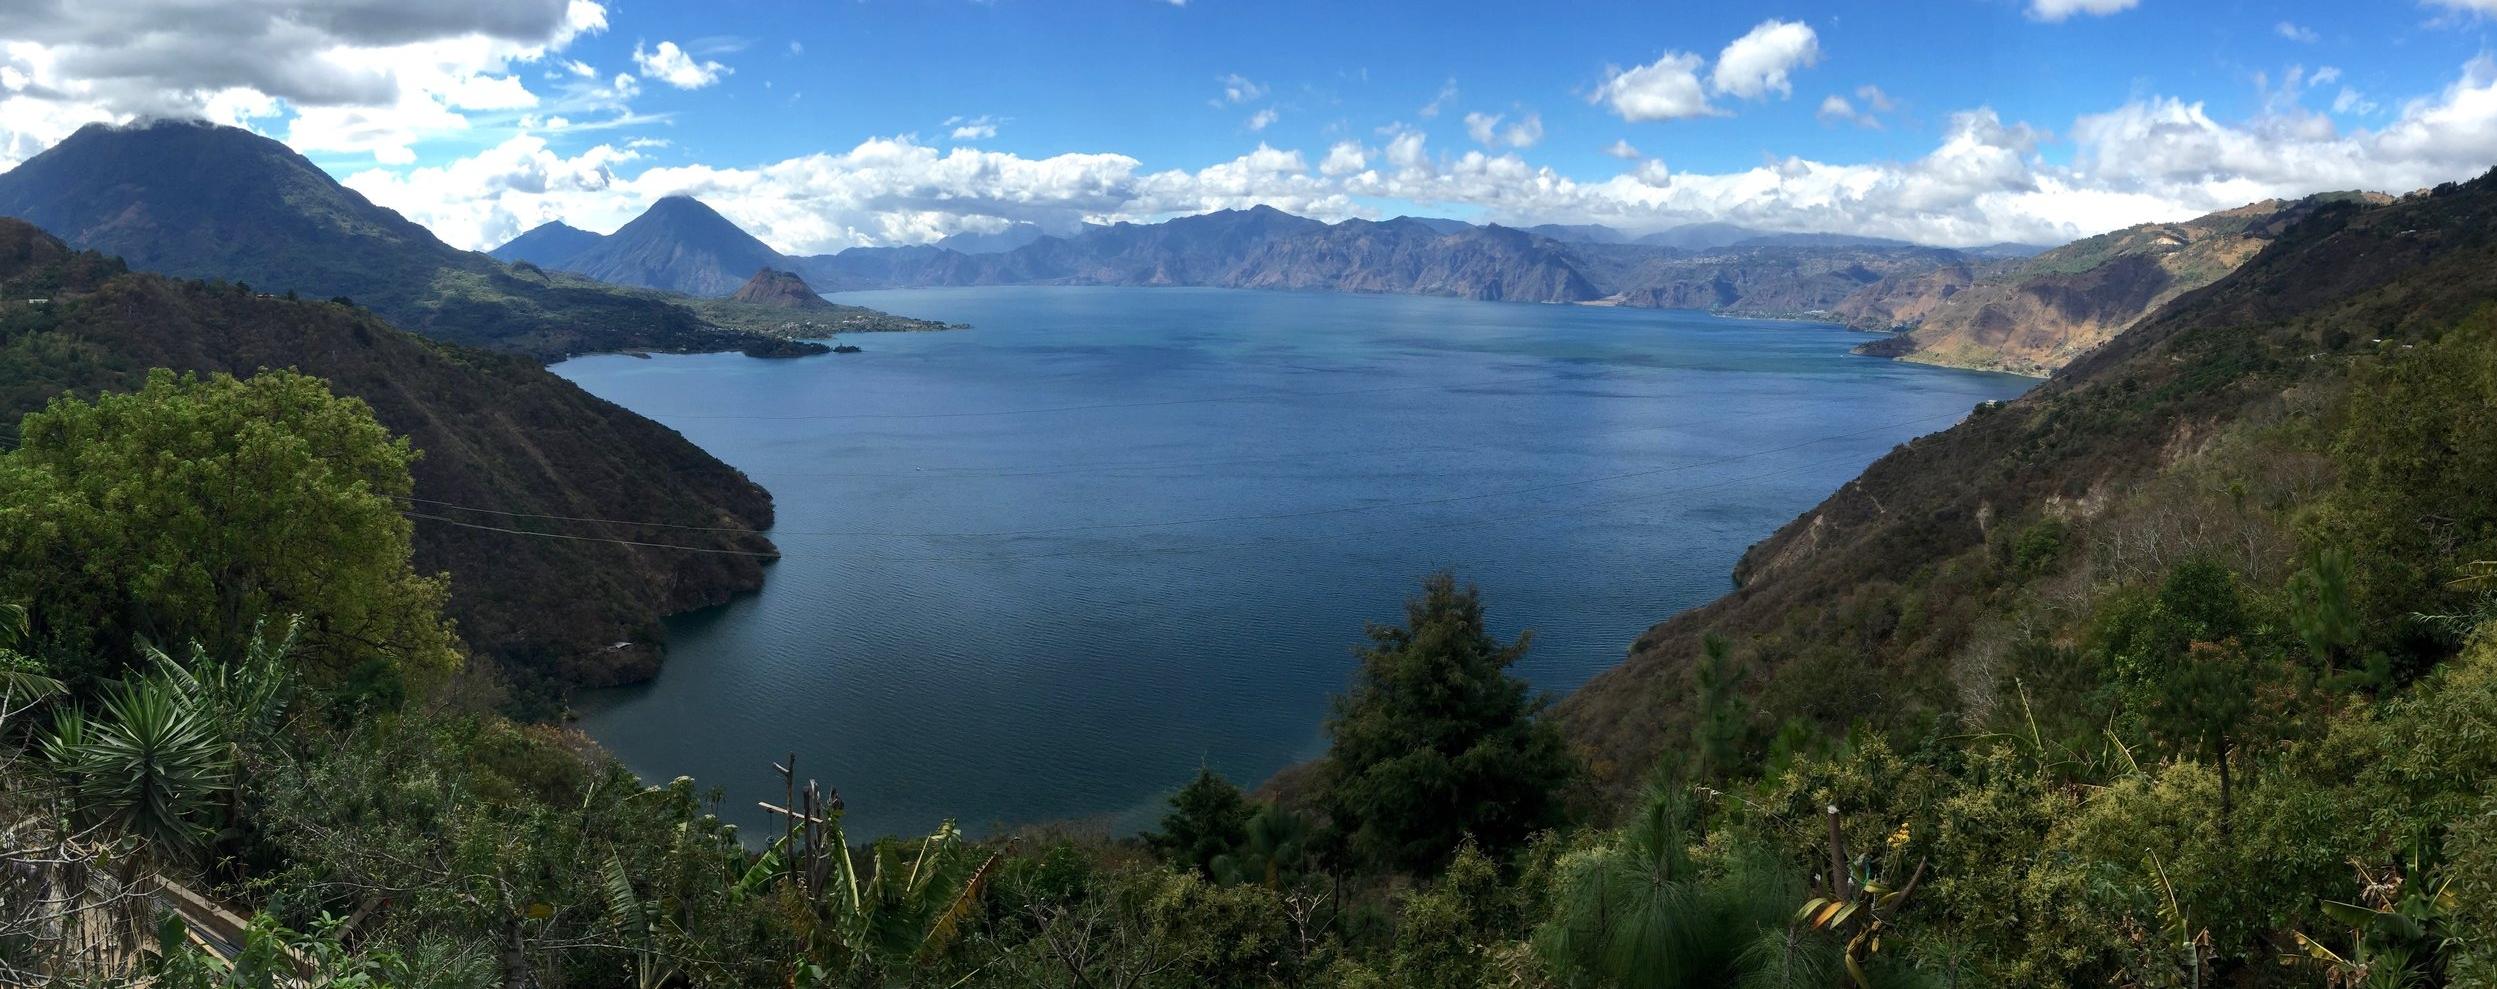 Lake Atitlan - DLG